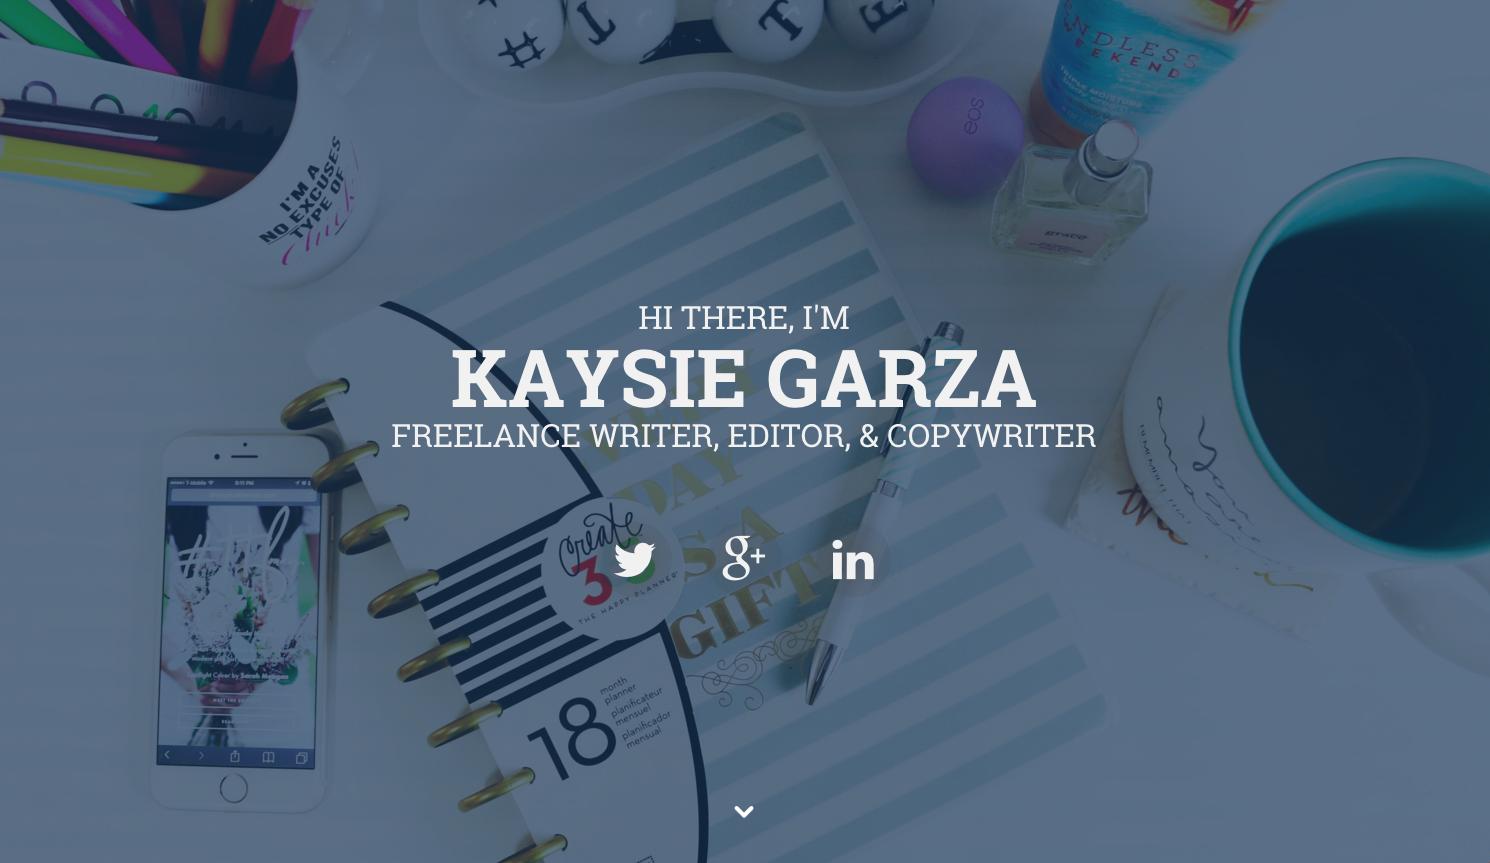 Kaysie Garza one page website